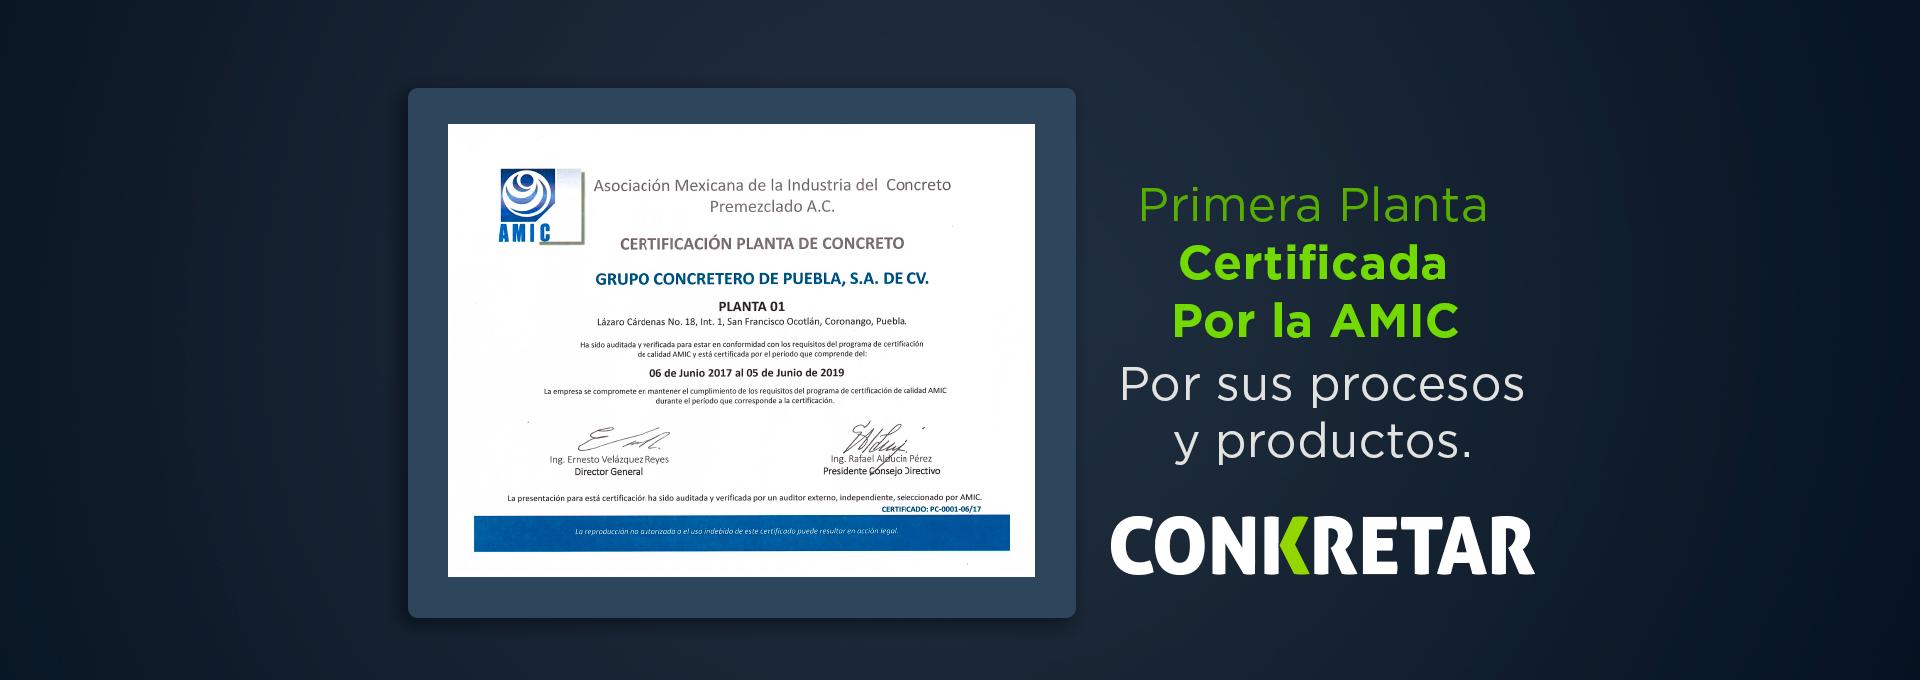 slide-certificacion-1